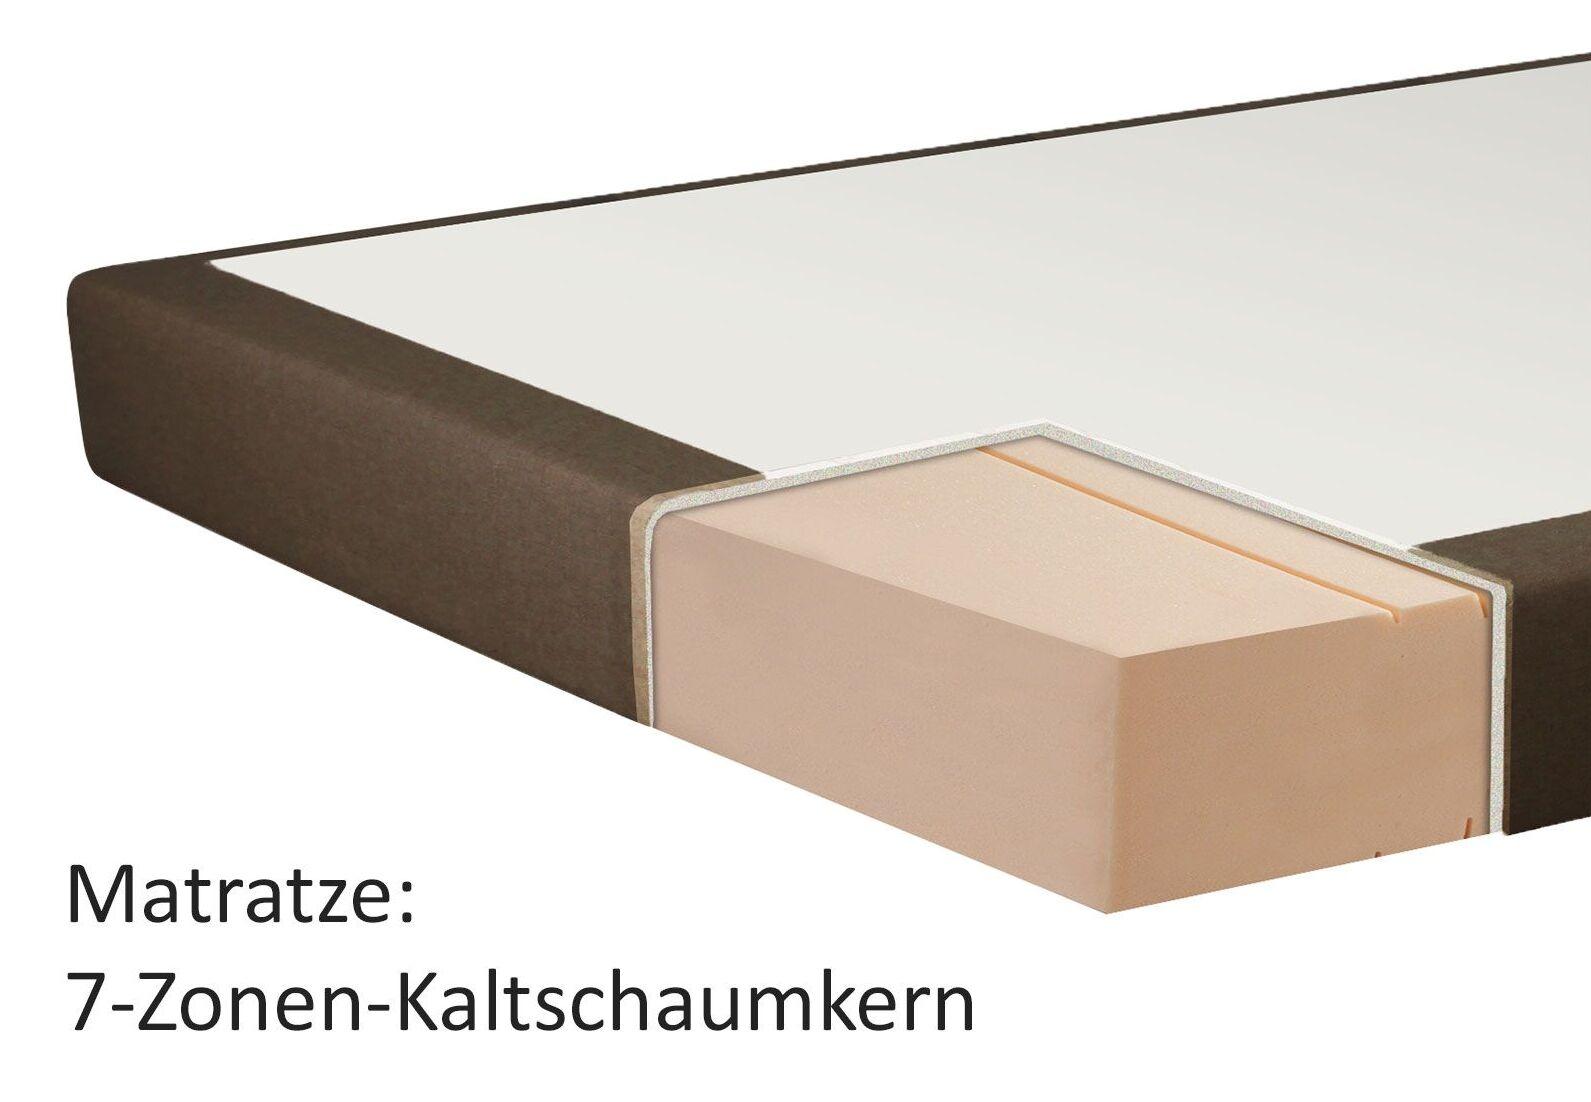 7 zonen matratze 7 zonen matratze catlitterplus matratze champion mit 7 zonen online kaufen 7. Black Bedroom Furniture Sets. Home Design Ideas